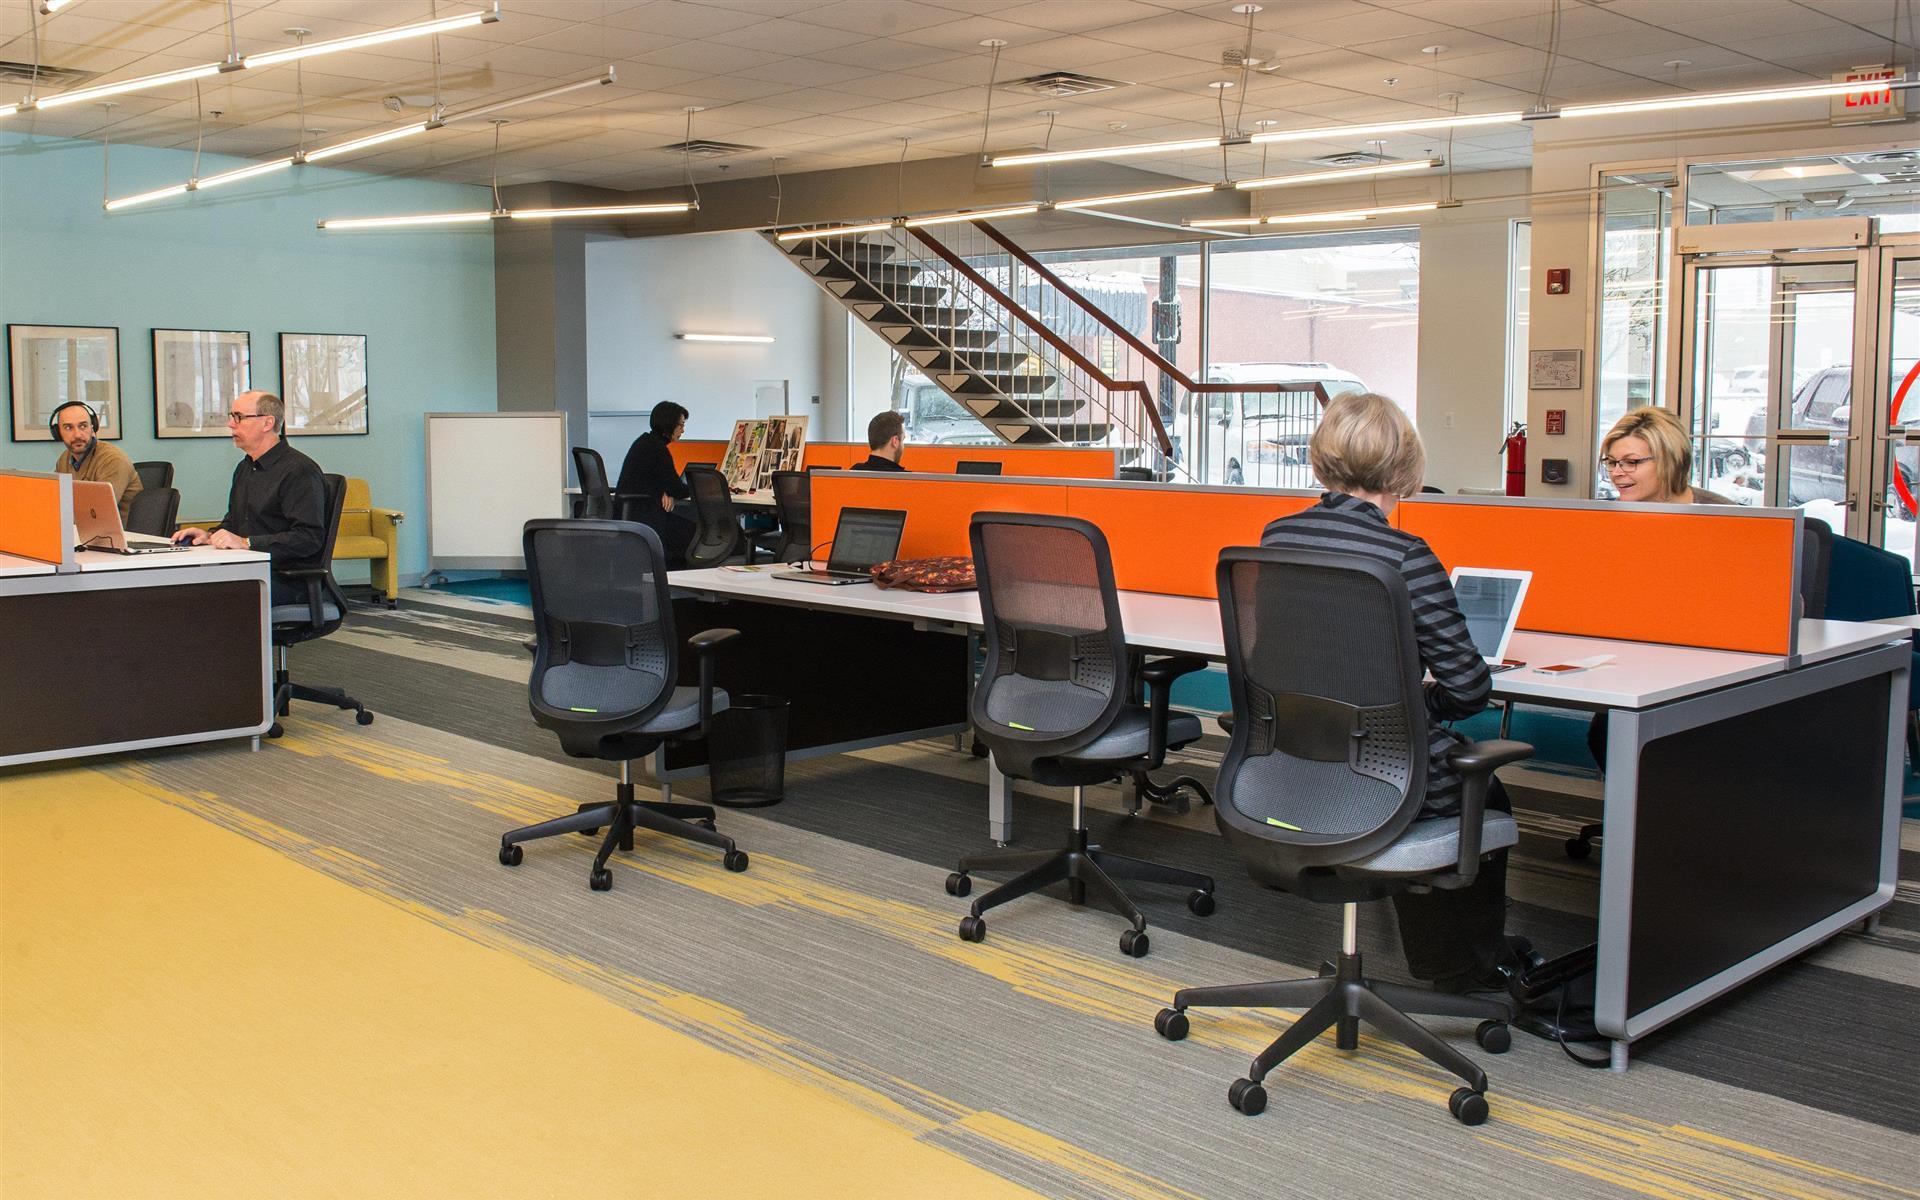 25N Coworking - Arlington Heights - Club 25N